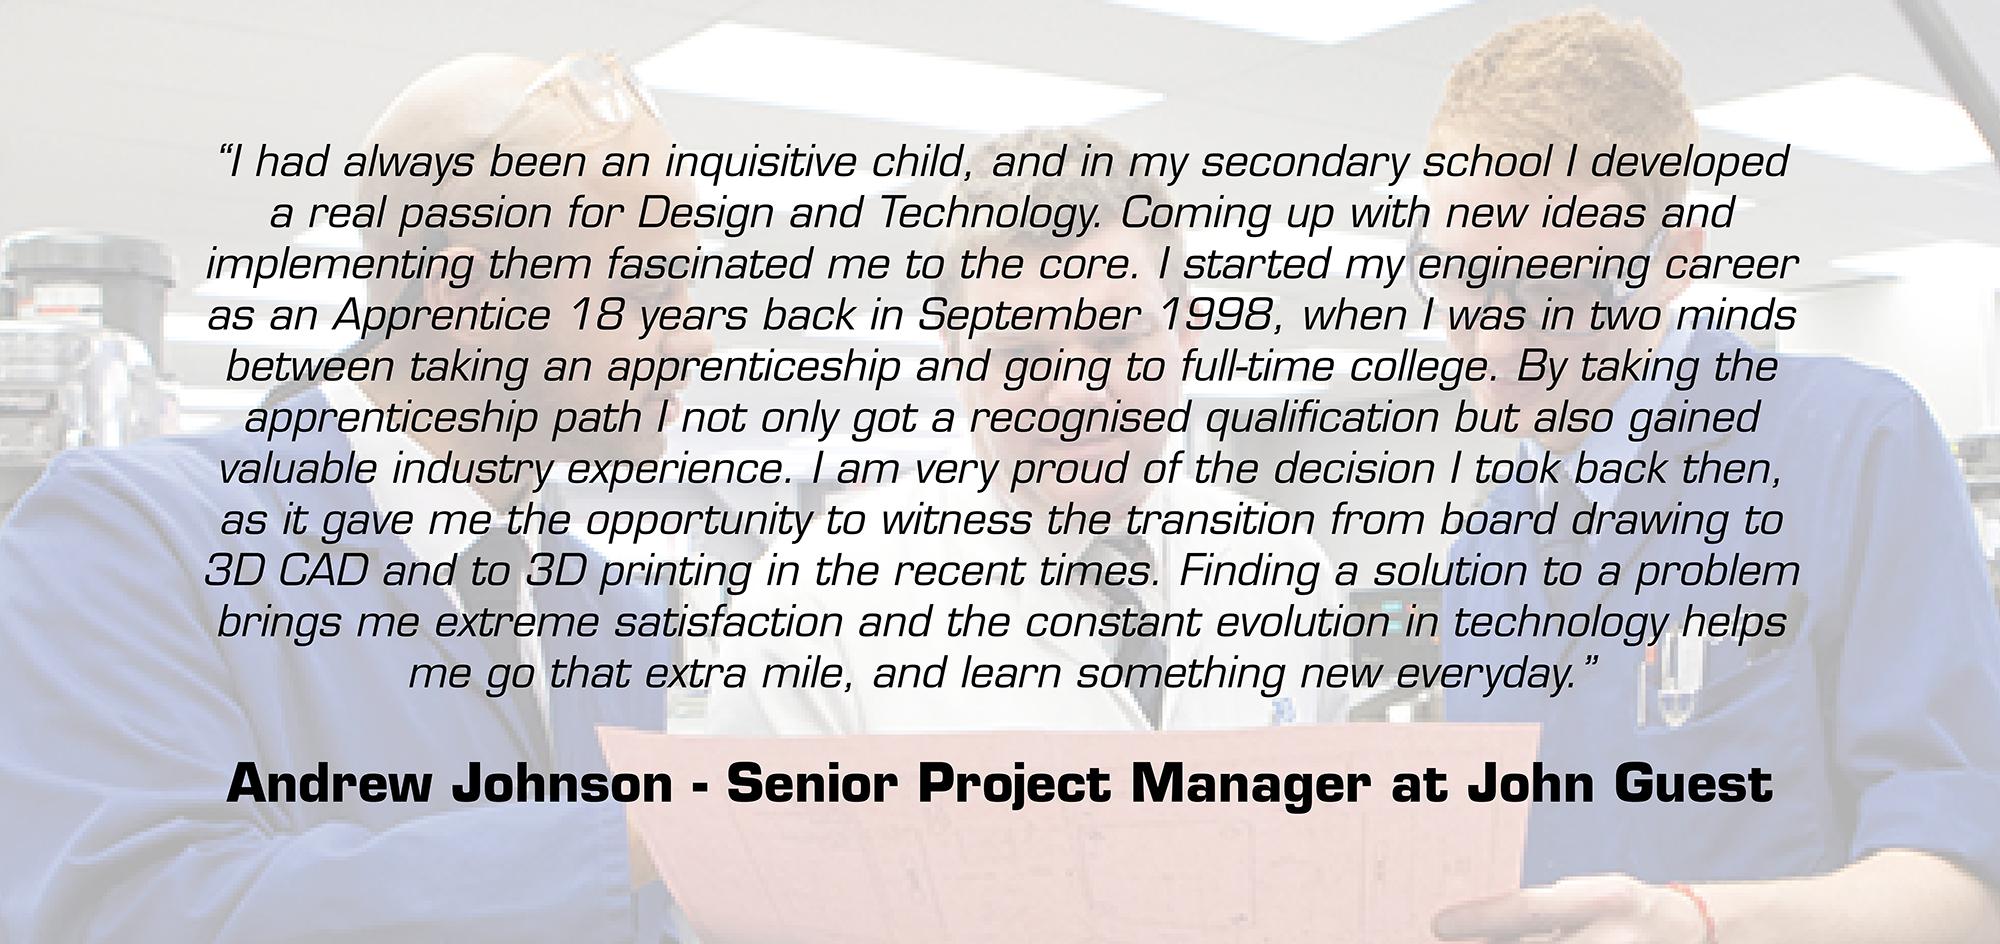 Andrew Johnson apprentice testimonial